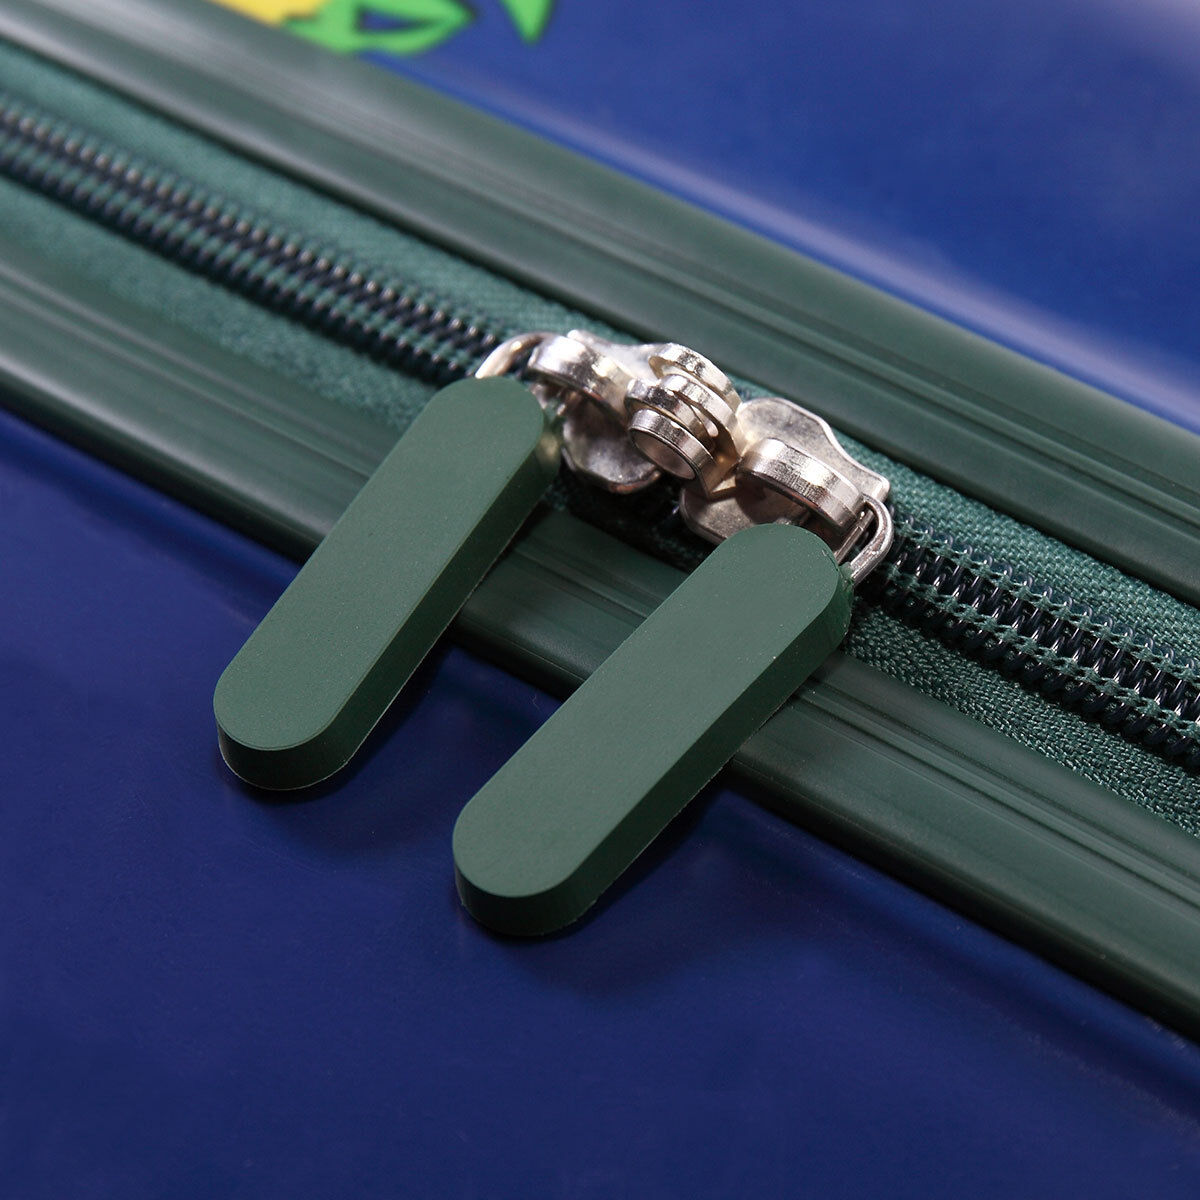 2Pc 12 16 Kids Carry On Luggage Set Upright Side Hard Hard Shell Suitcase - $33.00